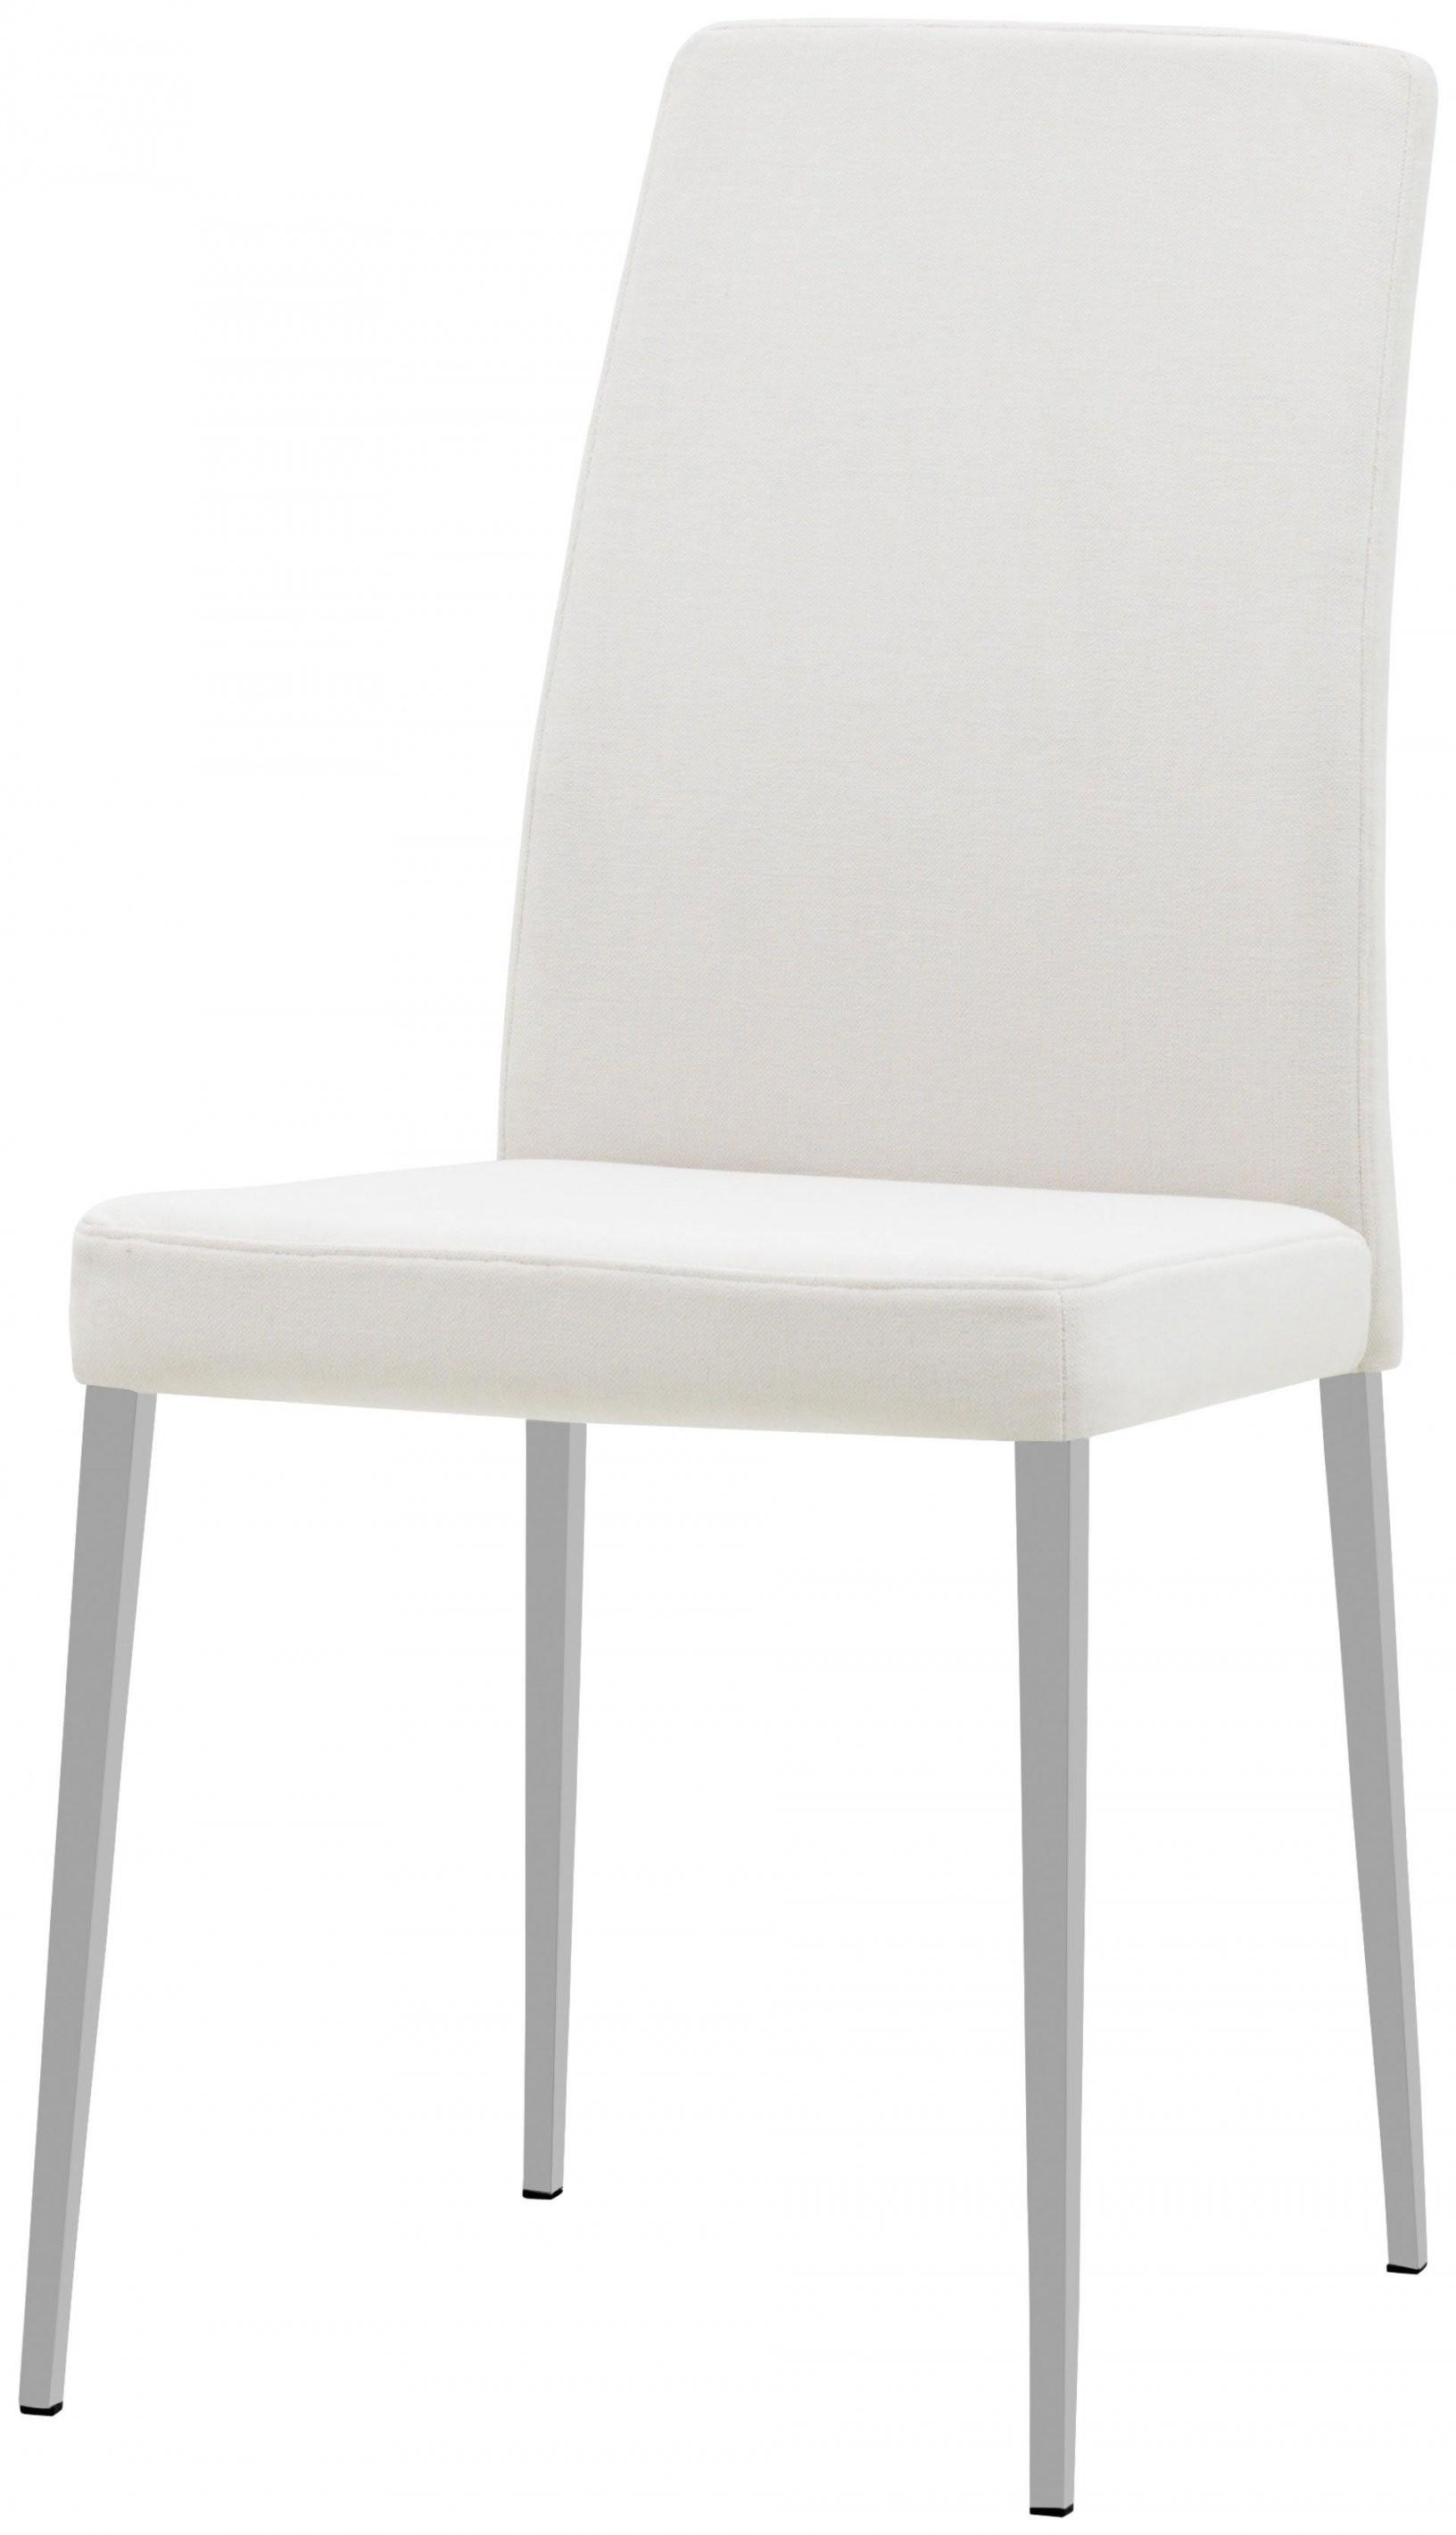 Moderne Design Esszimmerstühle  Qualität Von Boconcept von Esszimmerstühle Modernes Design Bild